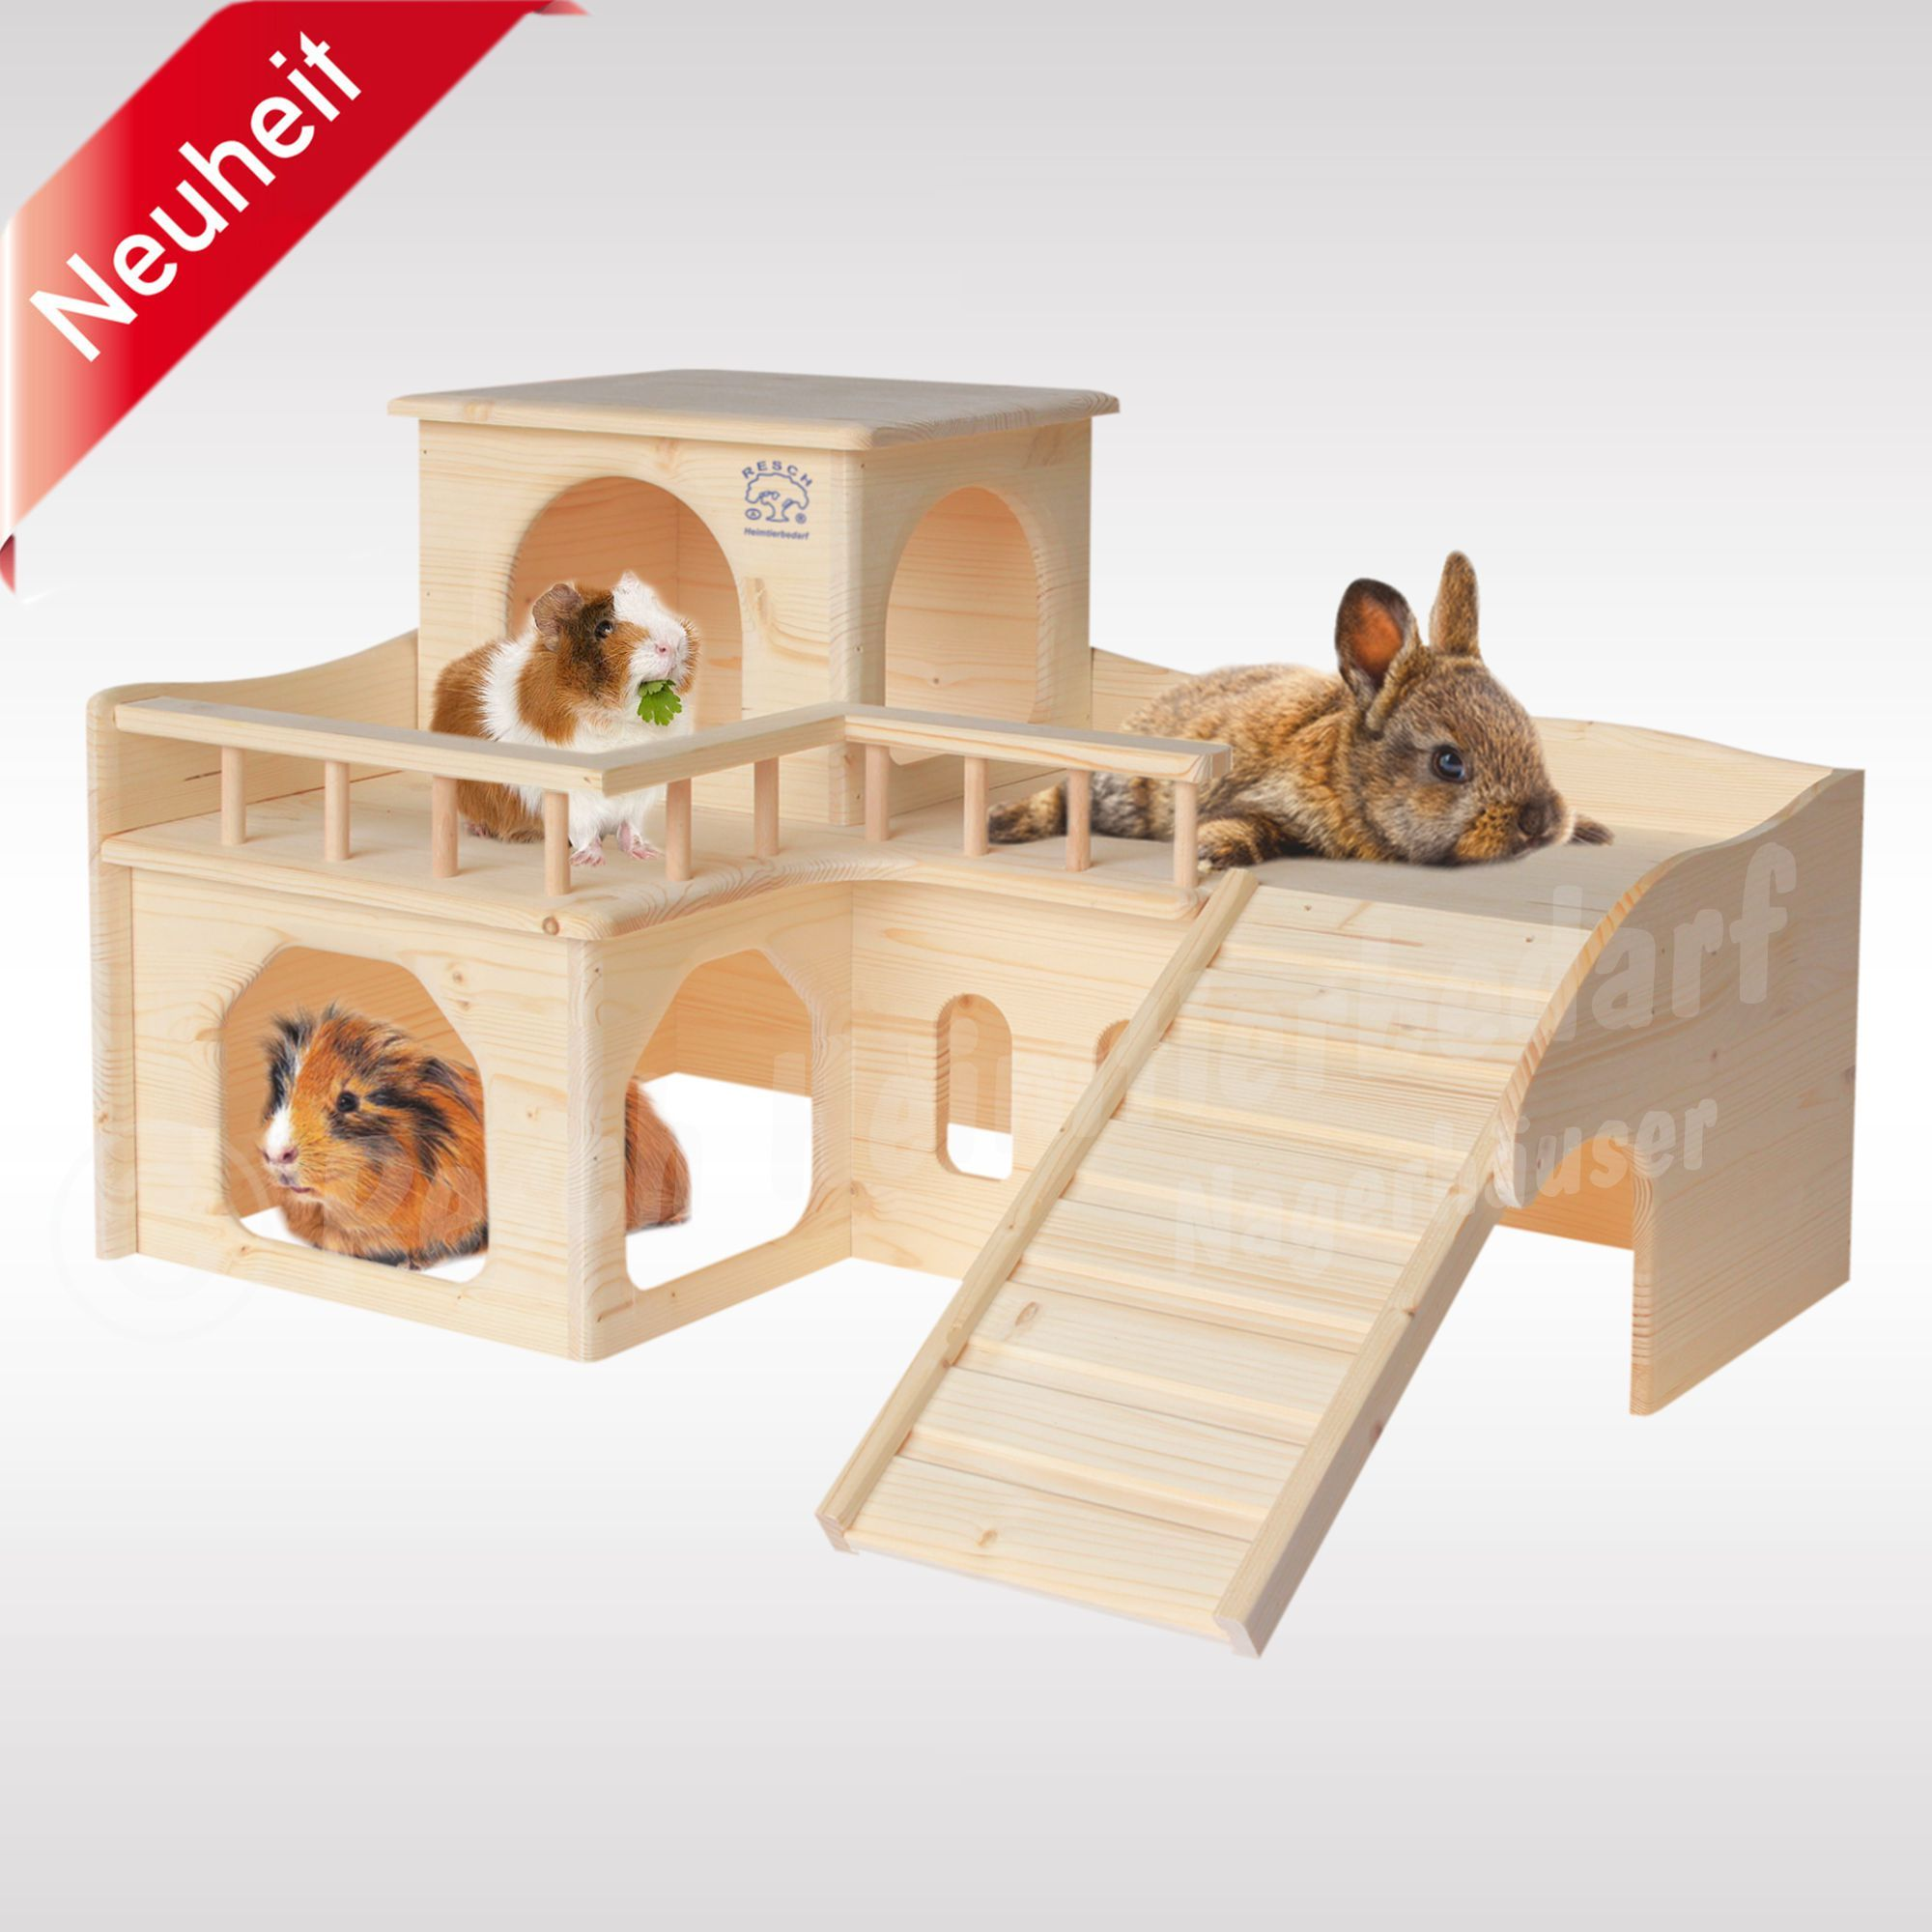 Kaninchenschloss Mit Grosser Terrasse Meerschweinchen Haus Kaninchen Meerschweinchen